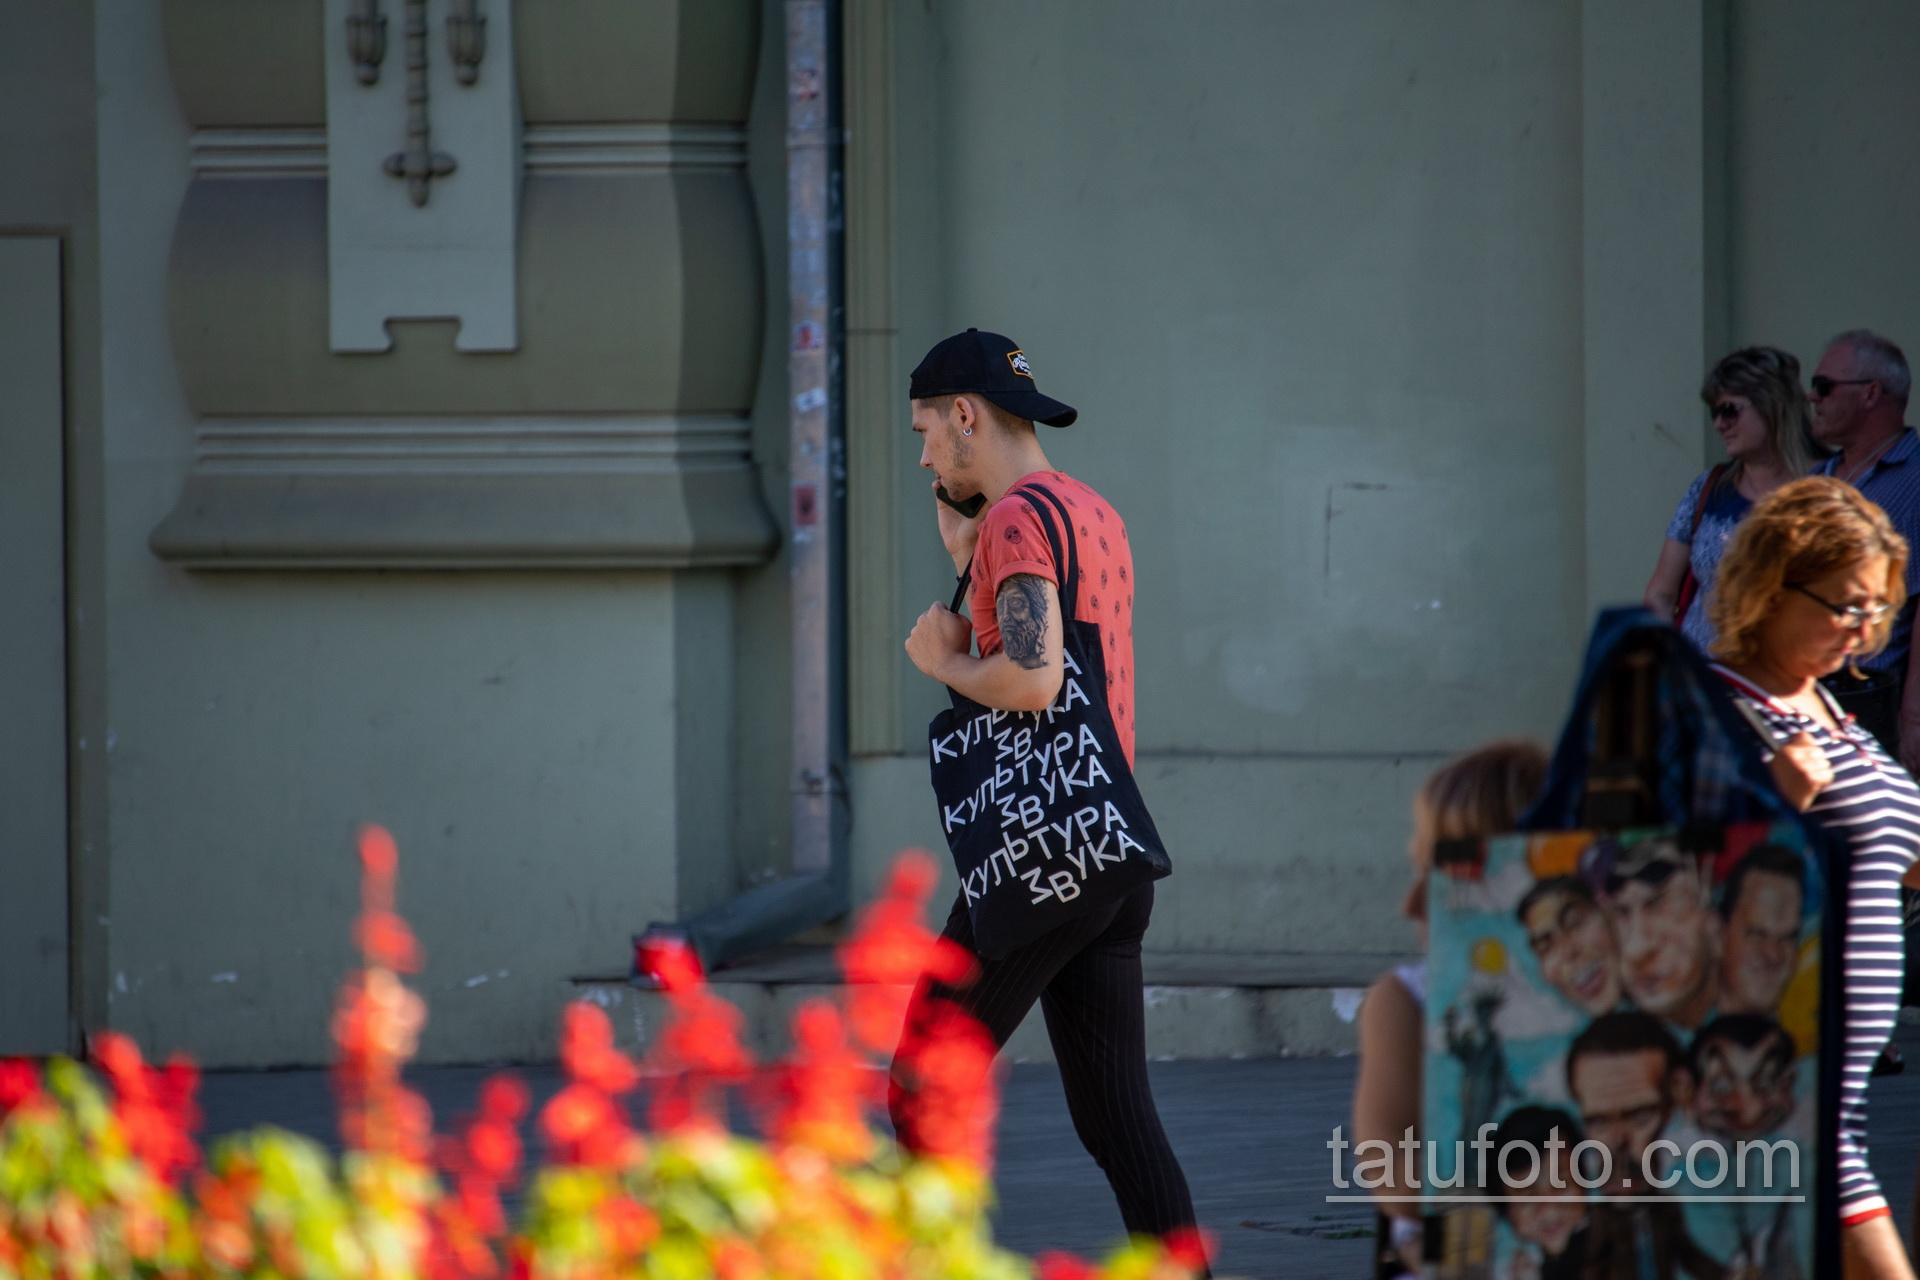 Татуировка с лицом статуи мыслителя на руке парня - Уличная татуировка 14.09.2020 – tatufoto.com 3